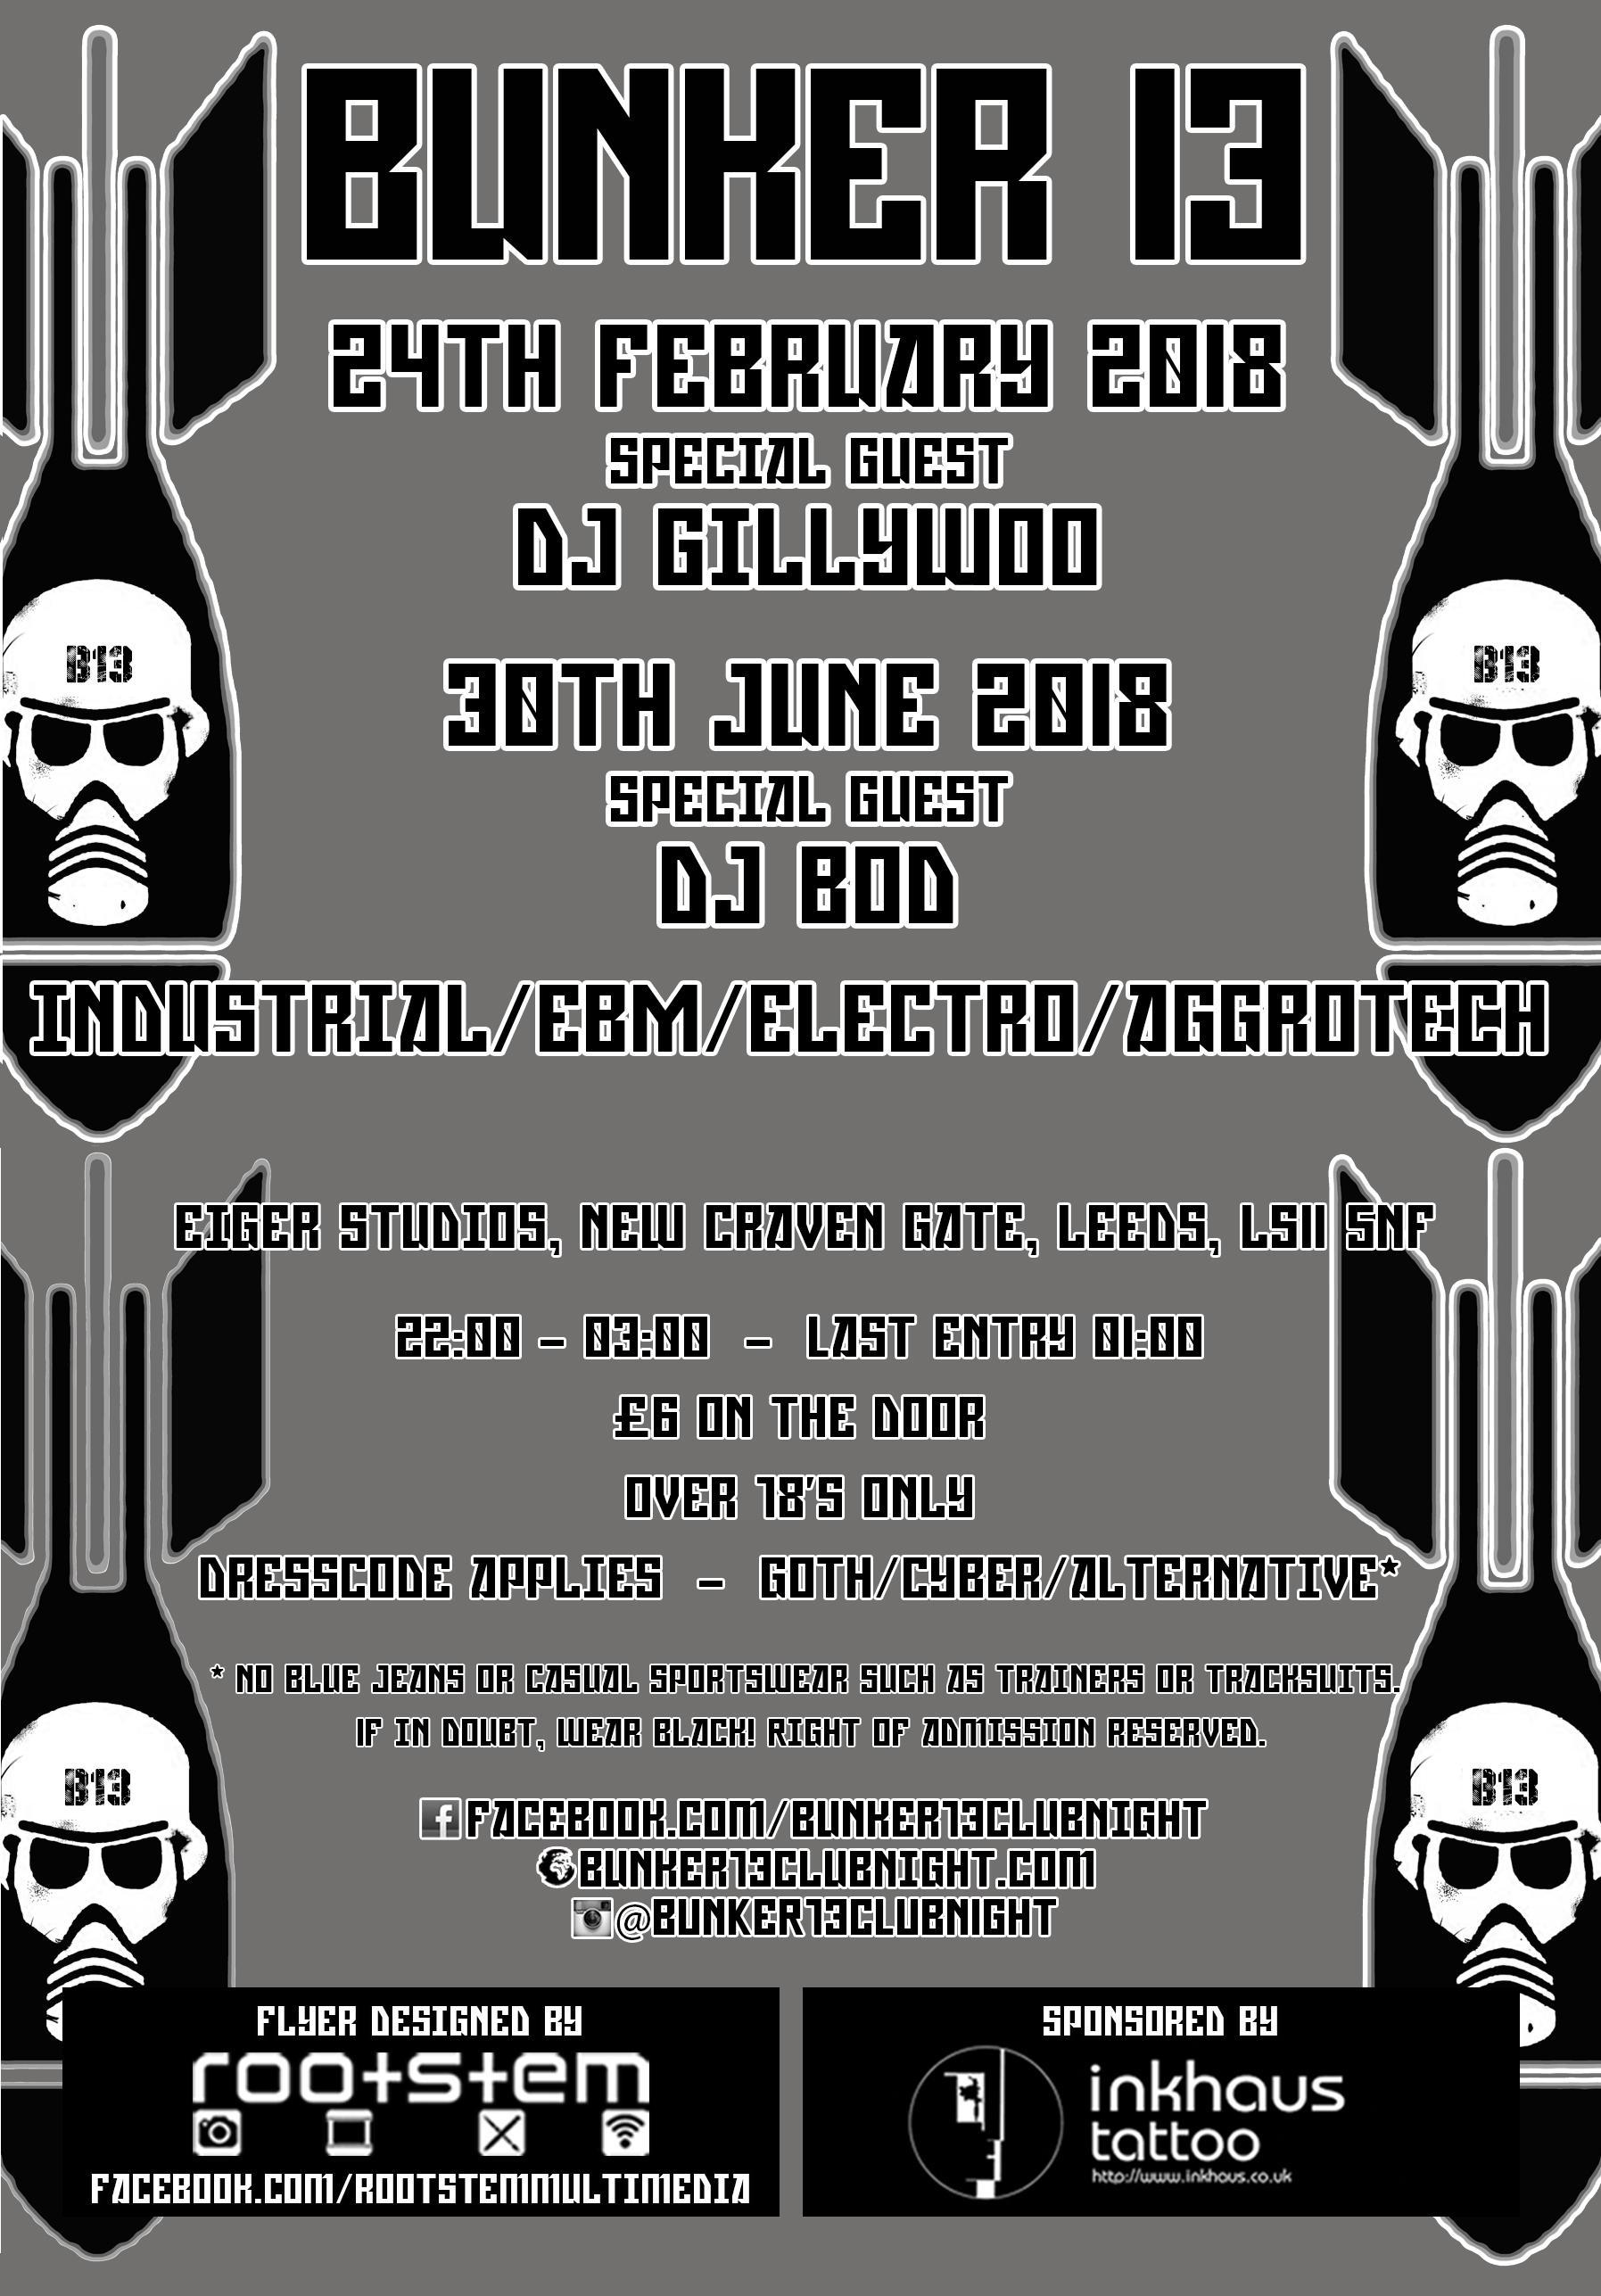 Eiger Studios & Bunker 13 | Eiger Studios Leeds | Sat 30th June 2018 Lineup